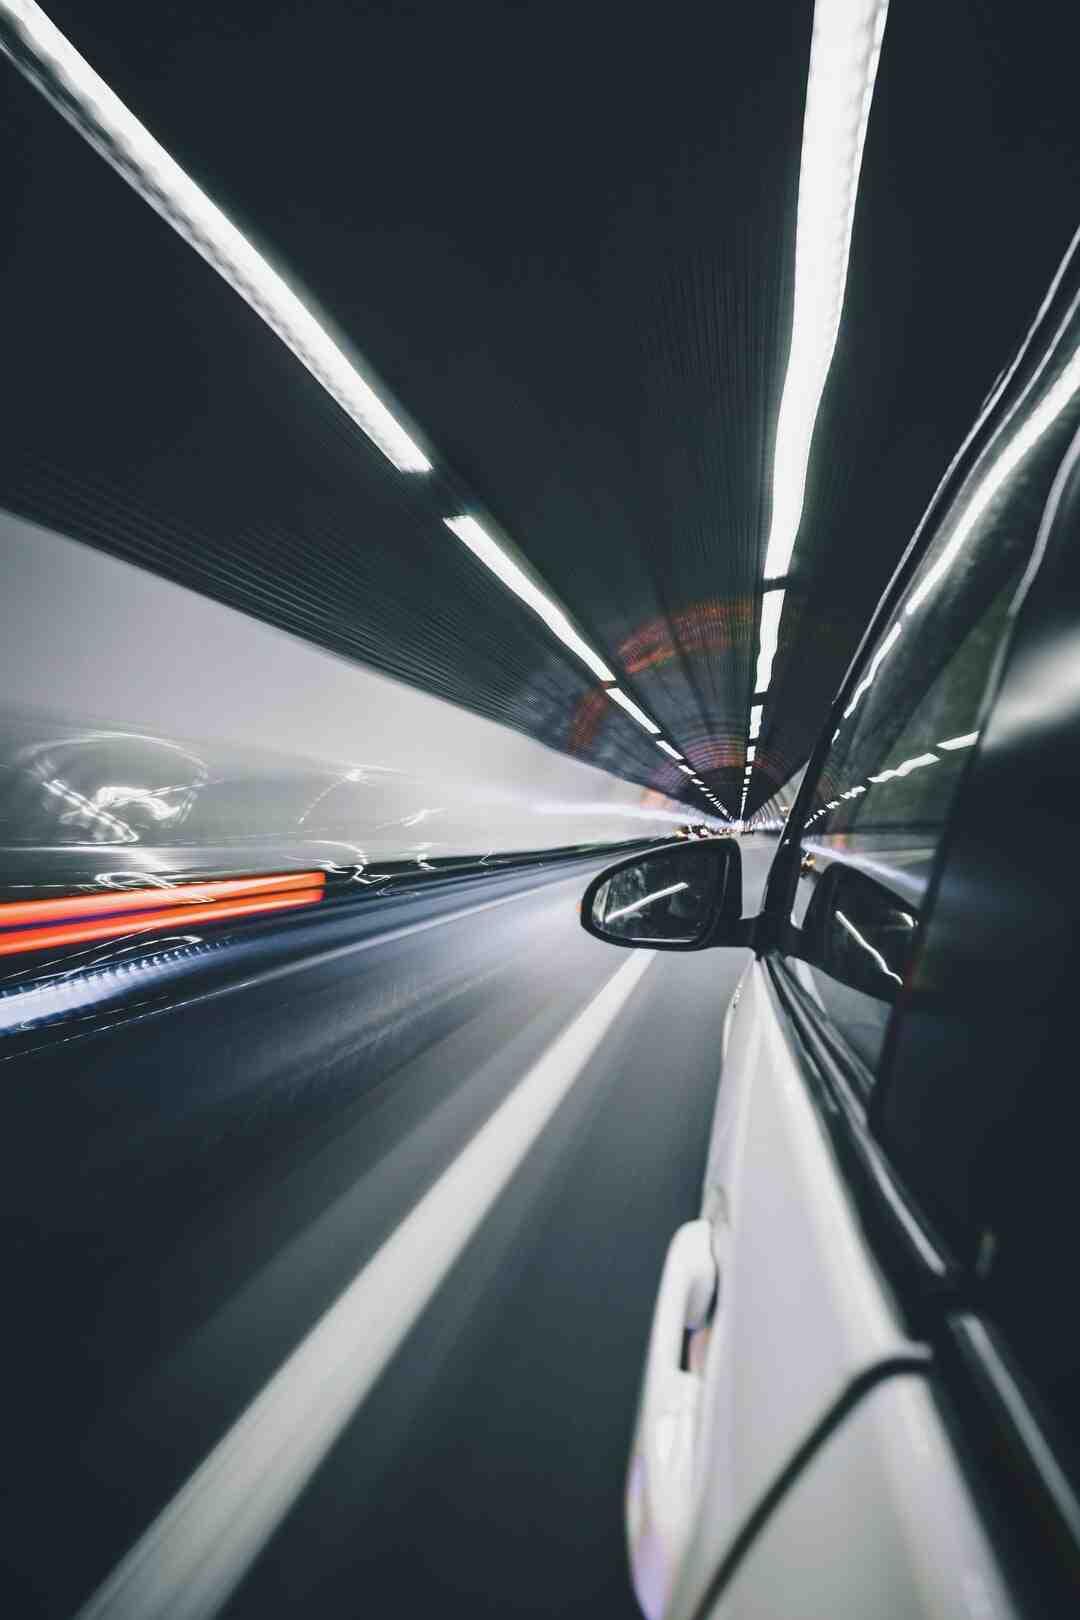 Quels sont critères de sélection de risque d'un assureur en assurance automobile ?